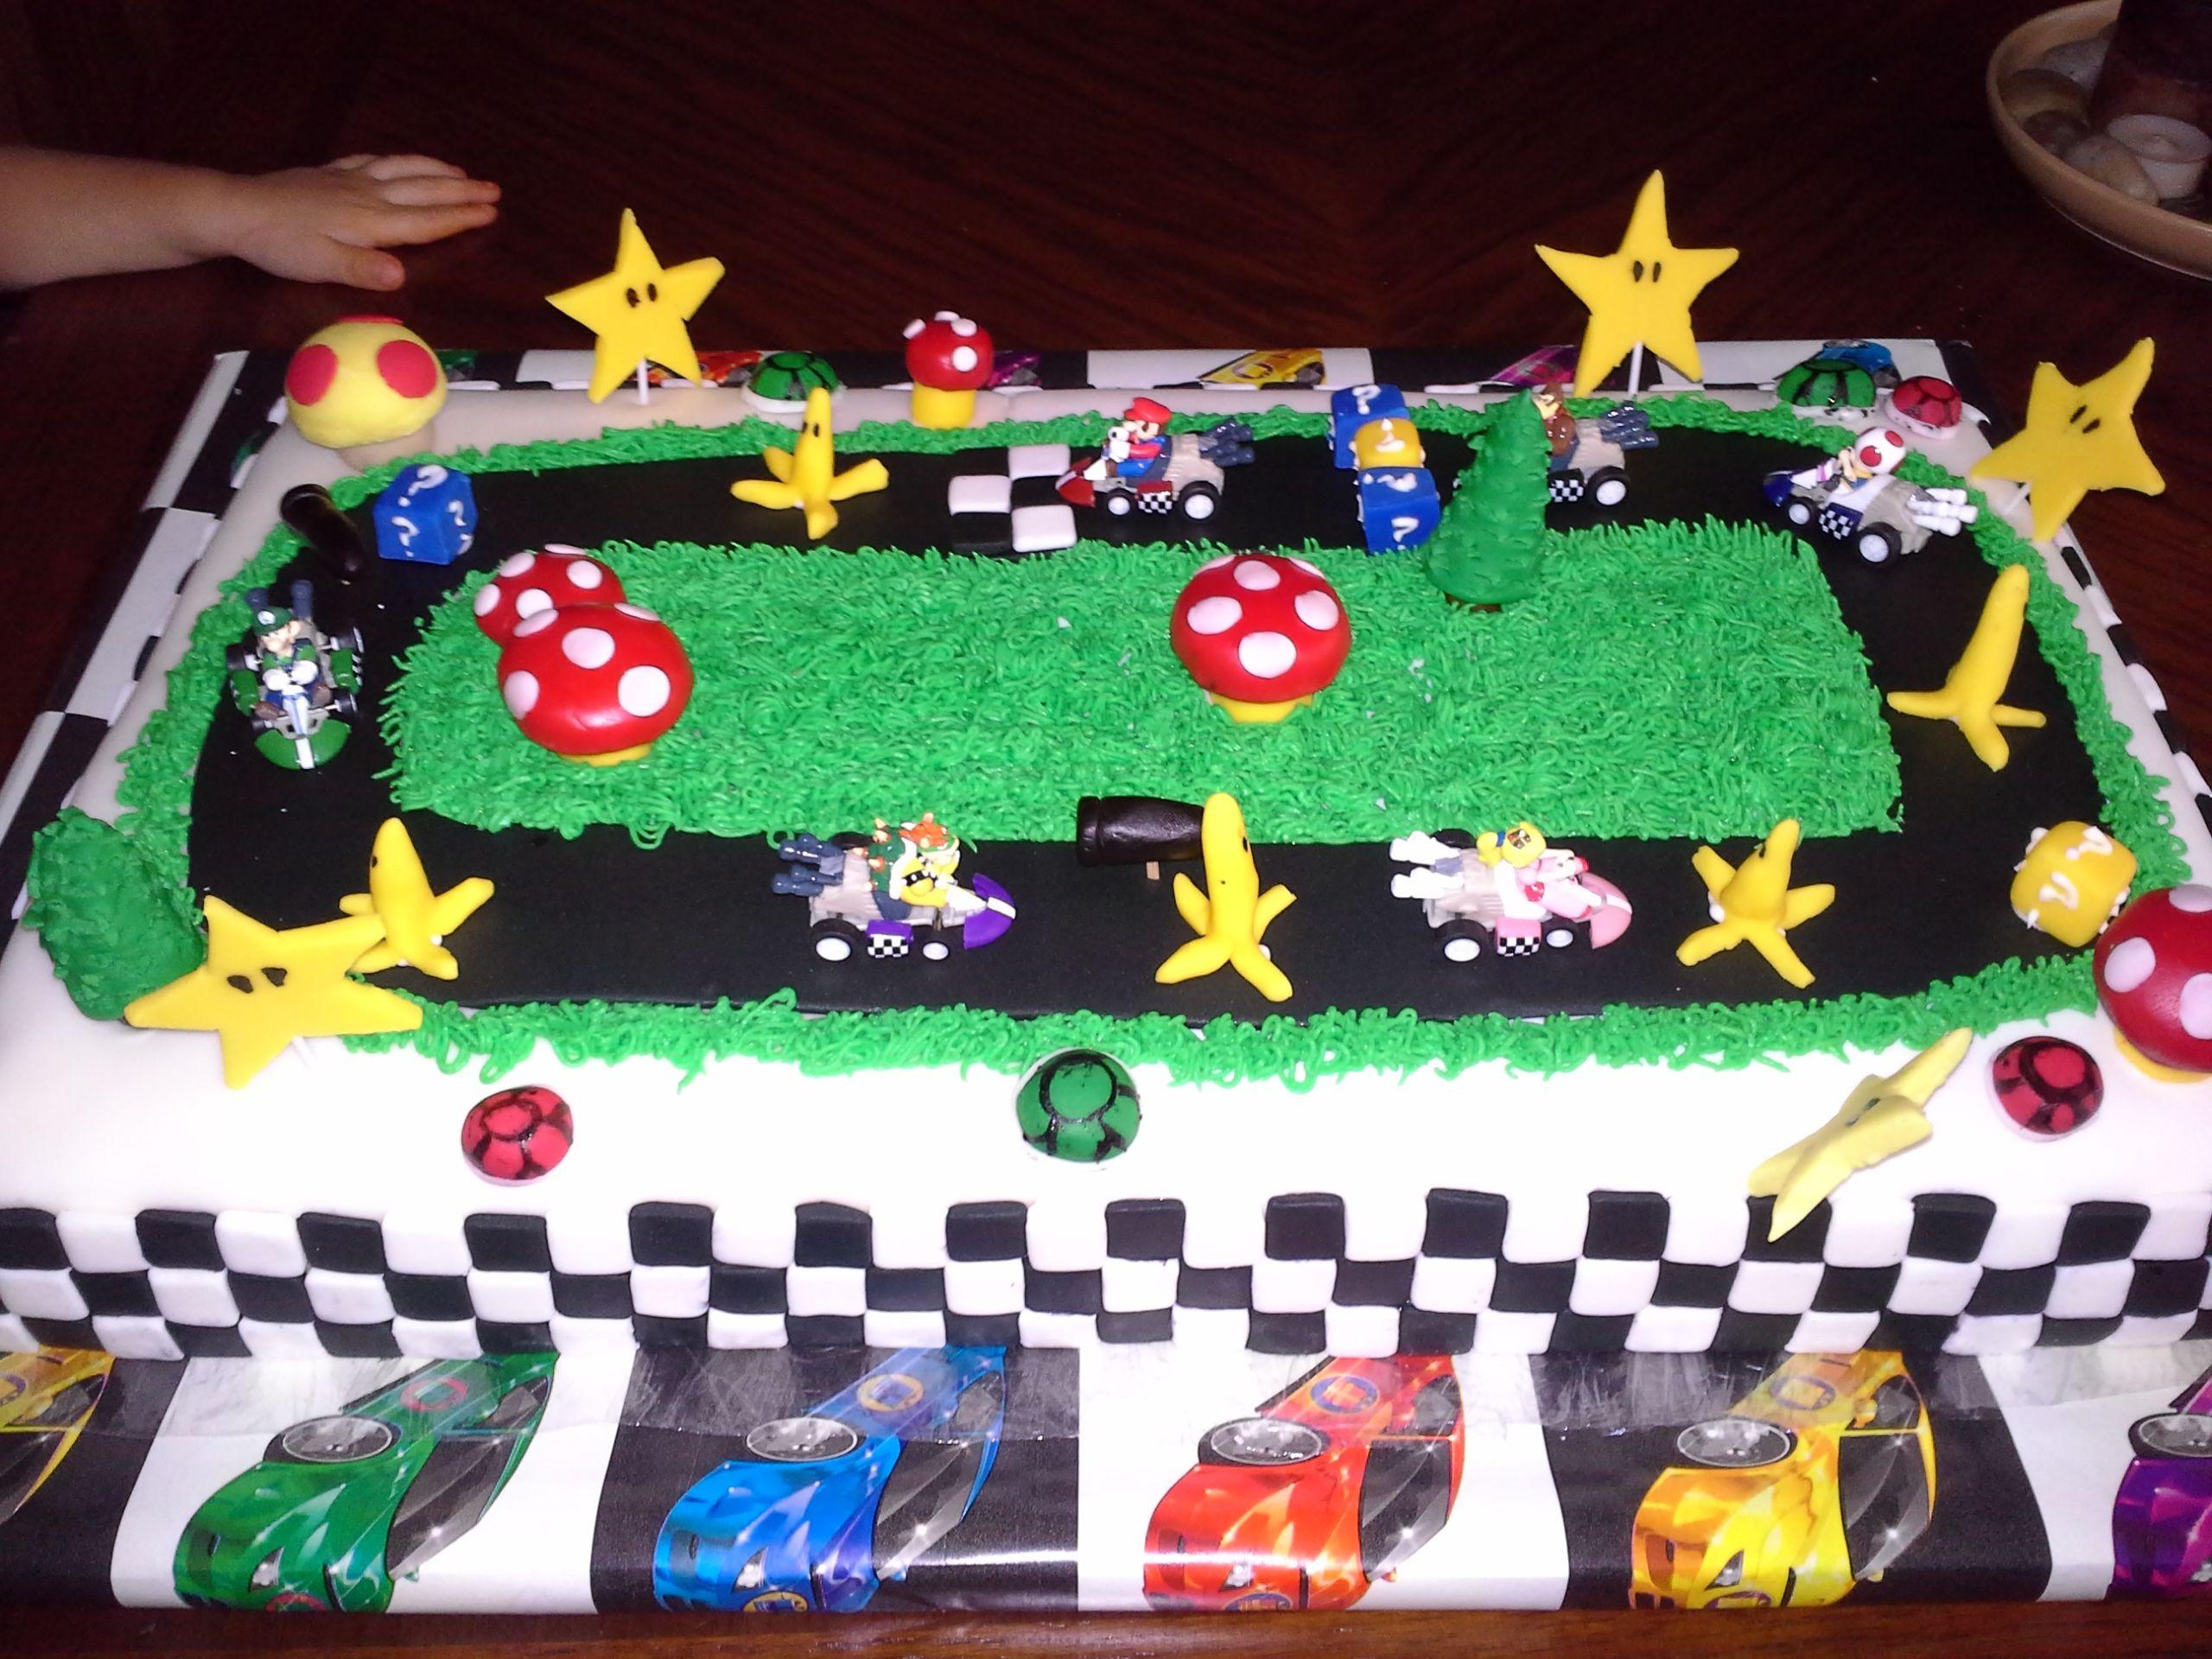 Super Mario Mario Kart Racing Mario Birthday Cake Mario Kart Cake Mario Bros Birthday